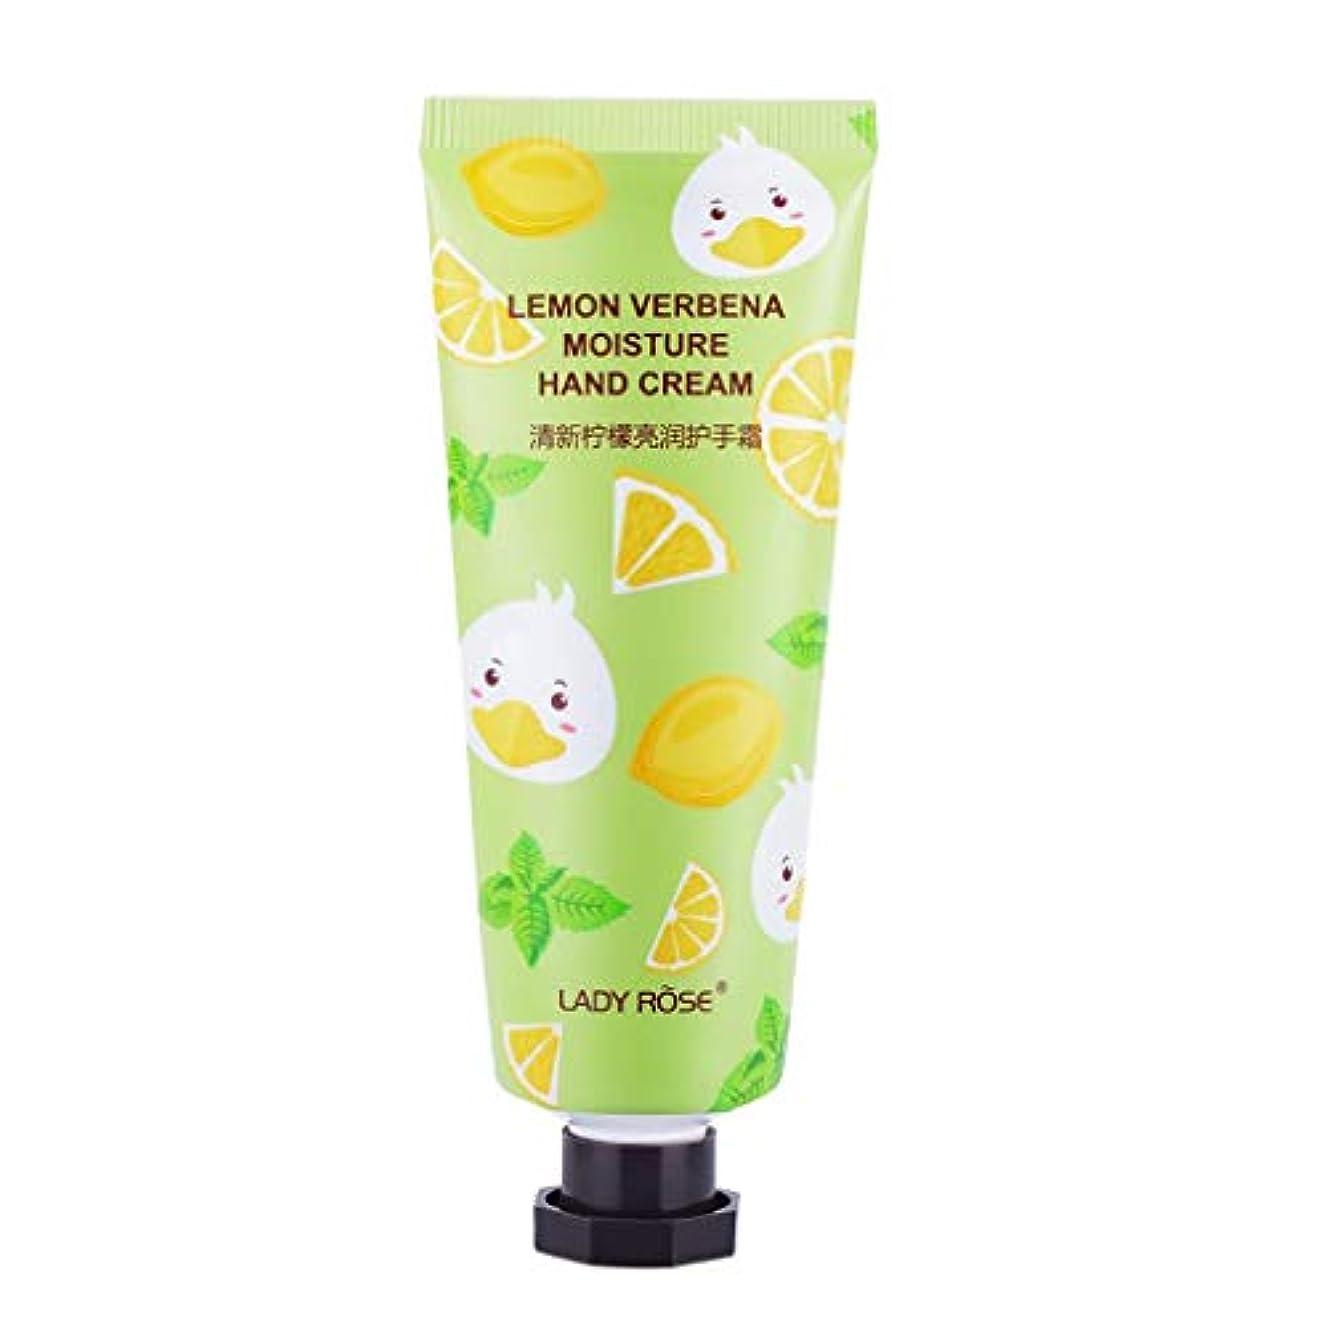 ドライ染料アラバマB Baosity ハンドクリーム 保湿 ローション 潤い スキンケア ハンドローション 3タイプ選べ - レモン